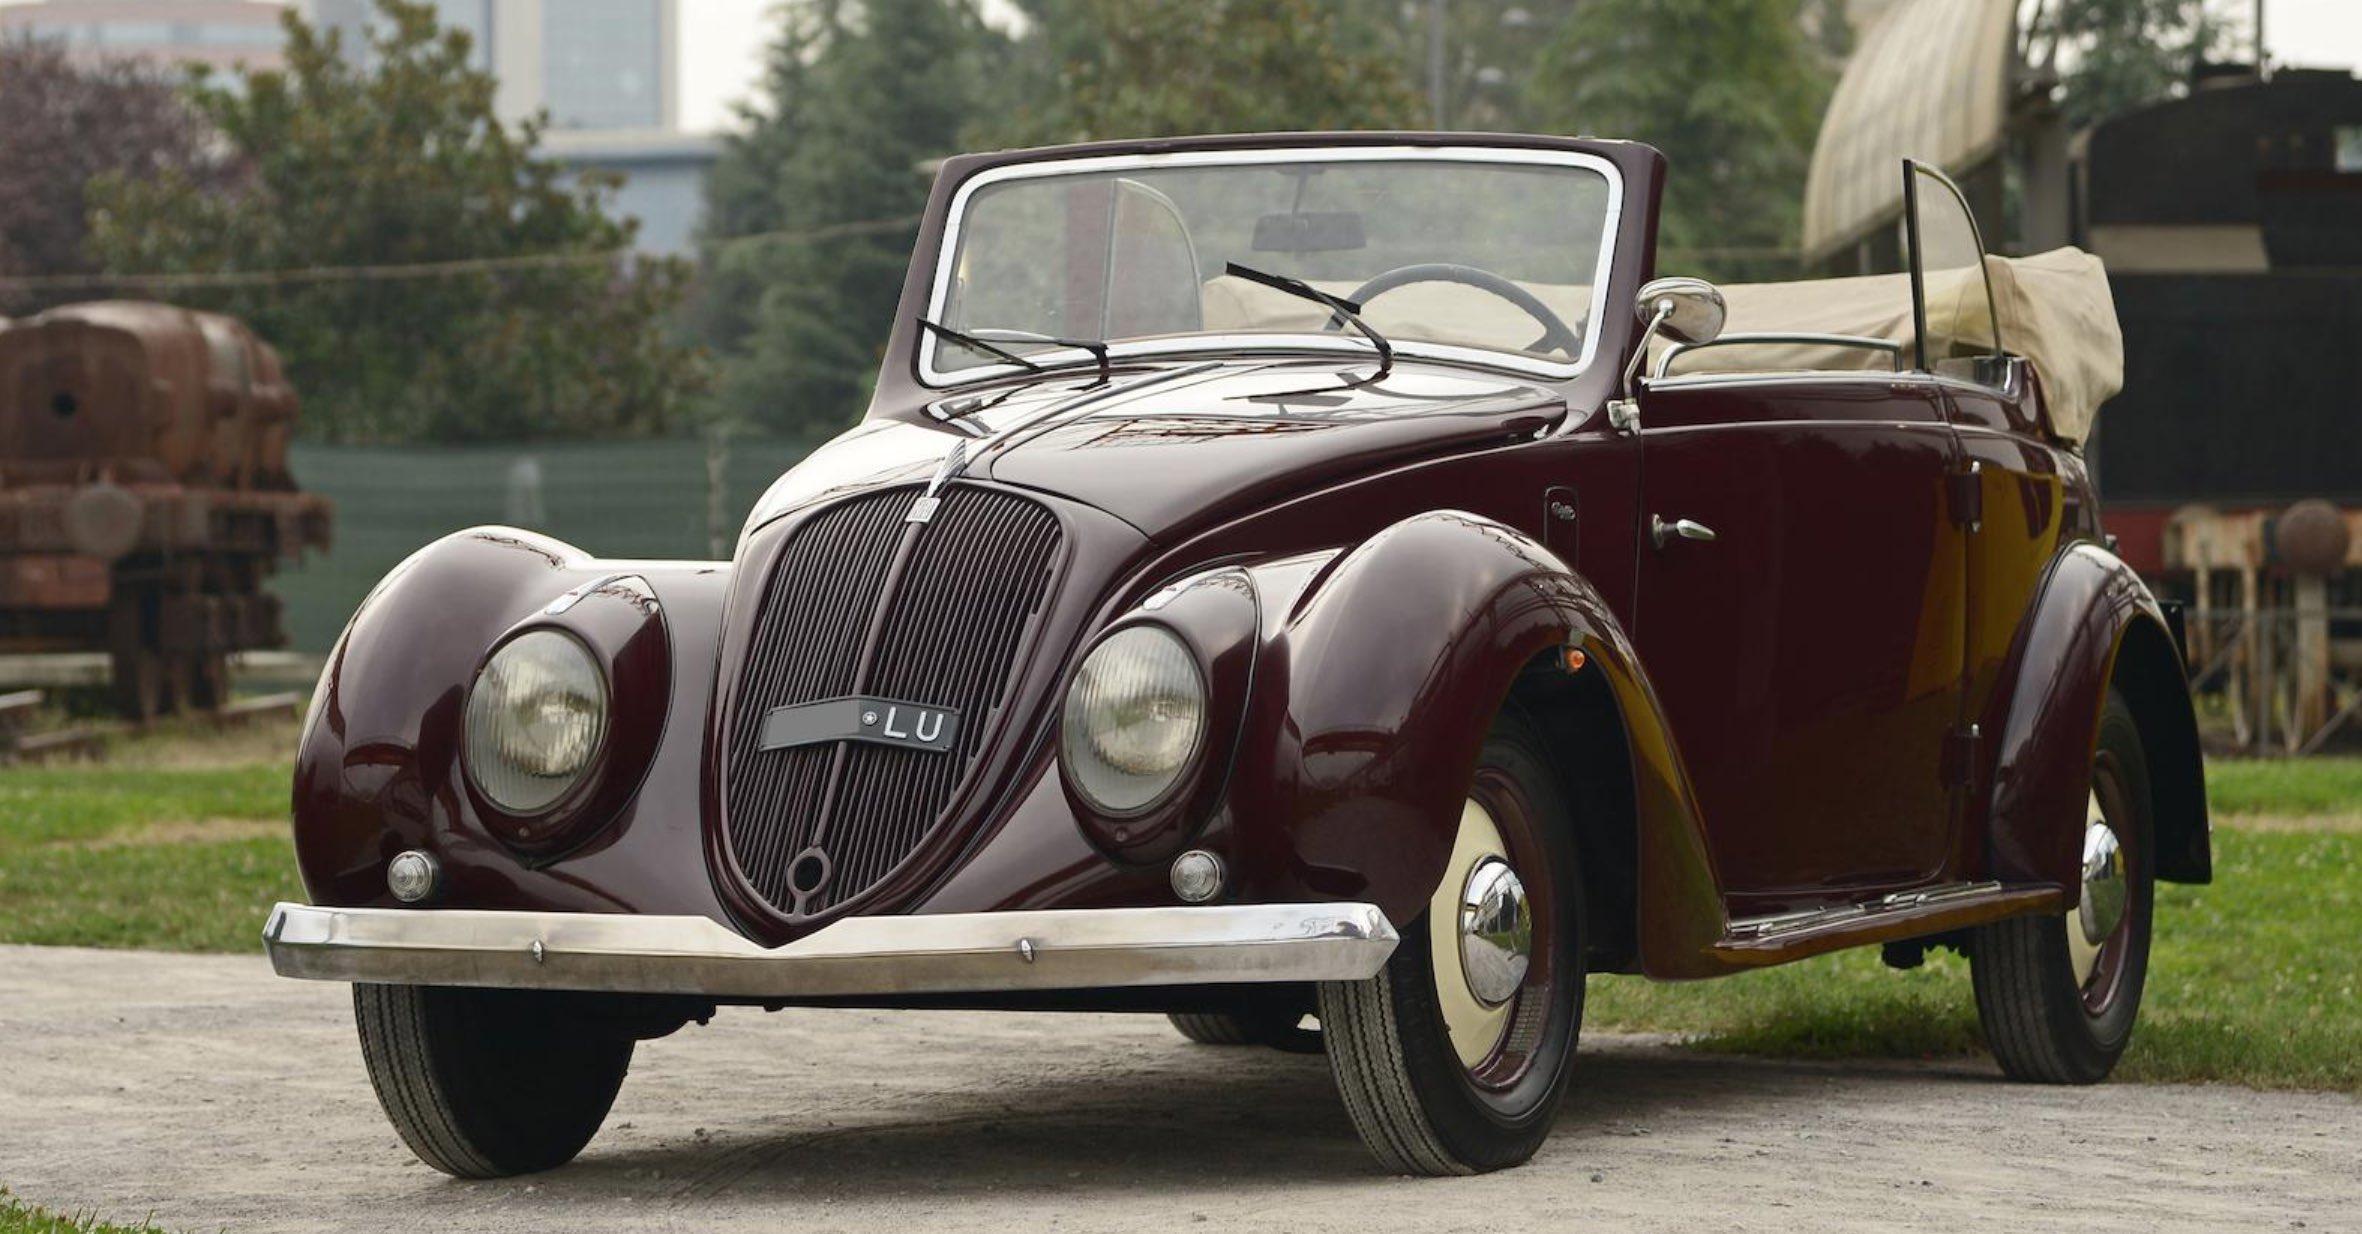 FIAT_1500_Cabriolet_1937_10_374629028e48d6ea7dd085de04d42aee